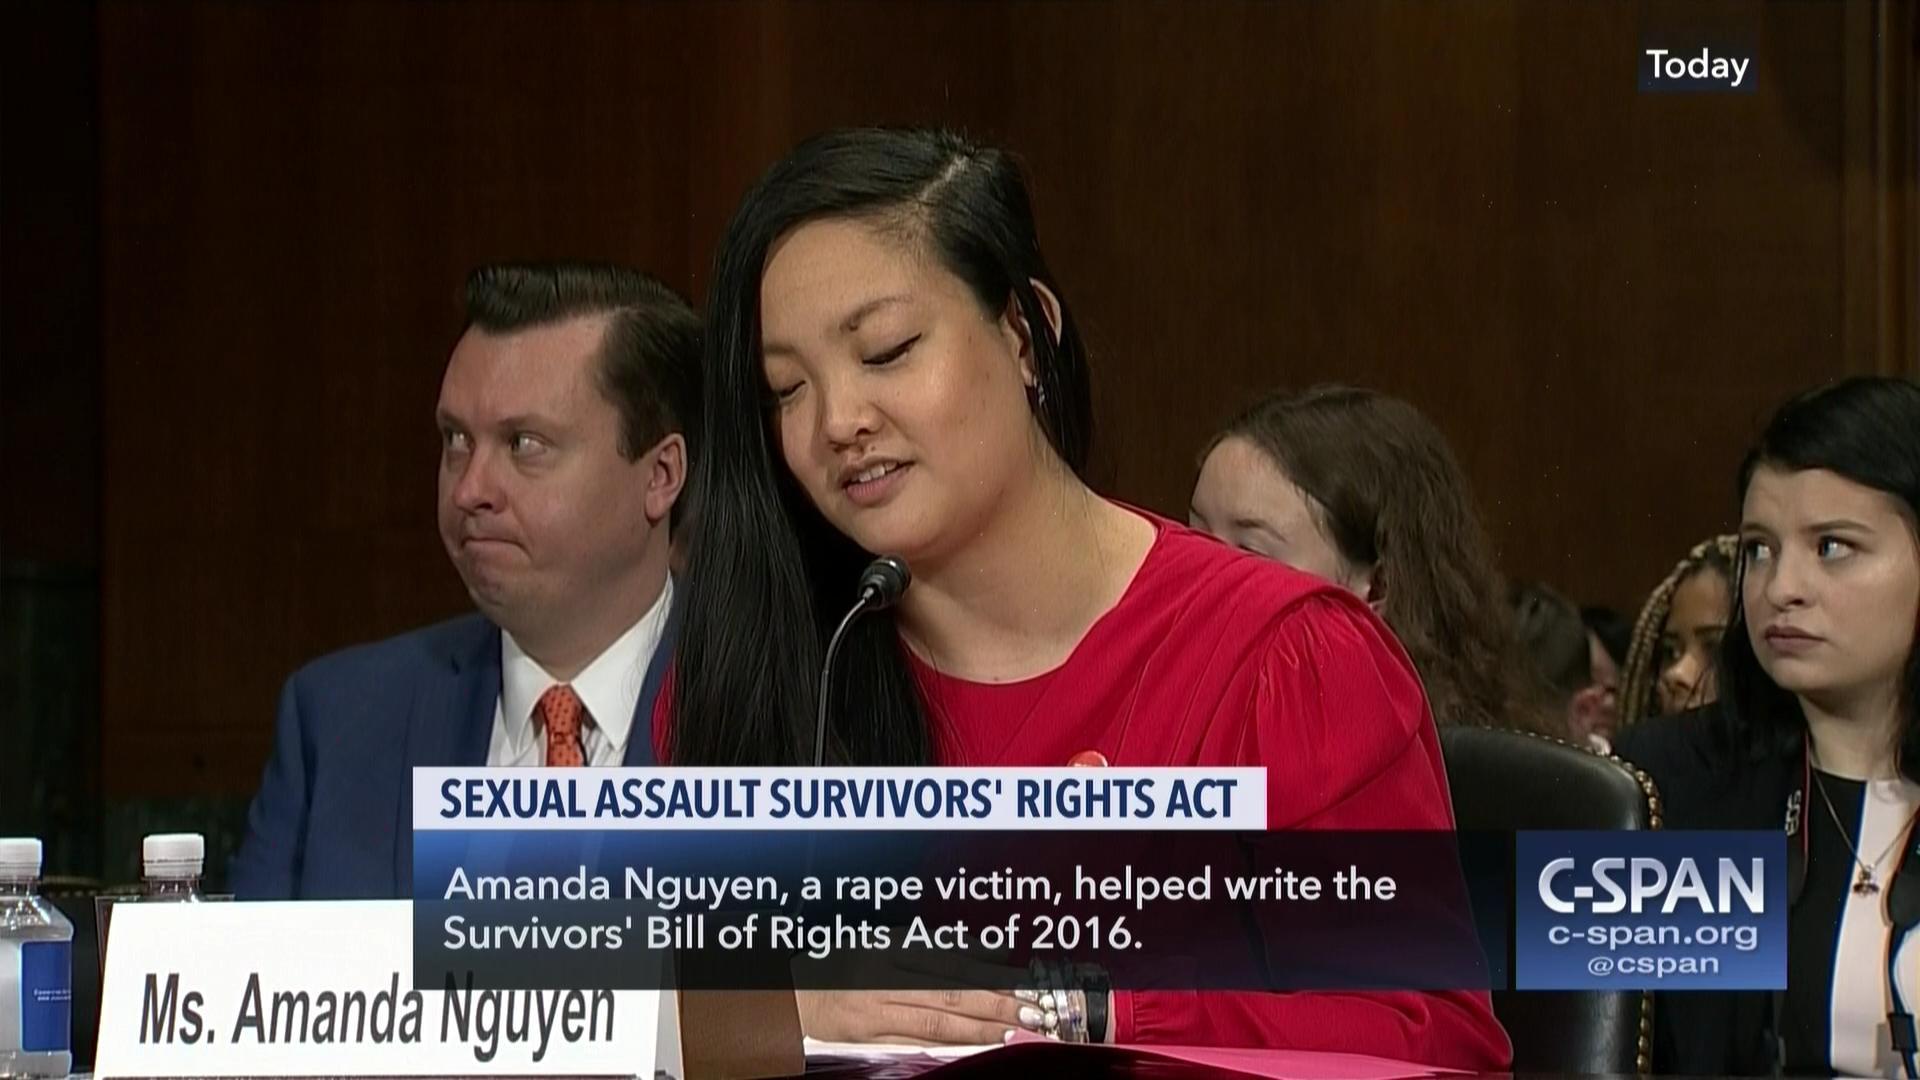 9X gốc Việt từng bị tấn công tình dục được đề cử giải Nobel Hoà bình - Ảnh 2.